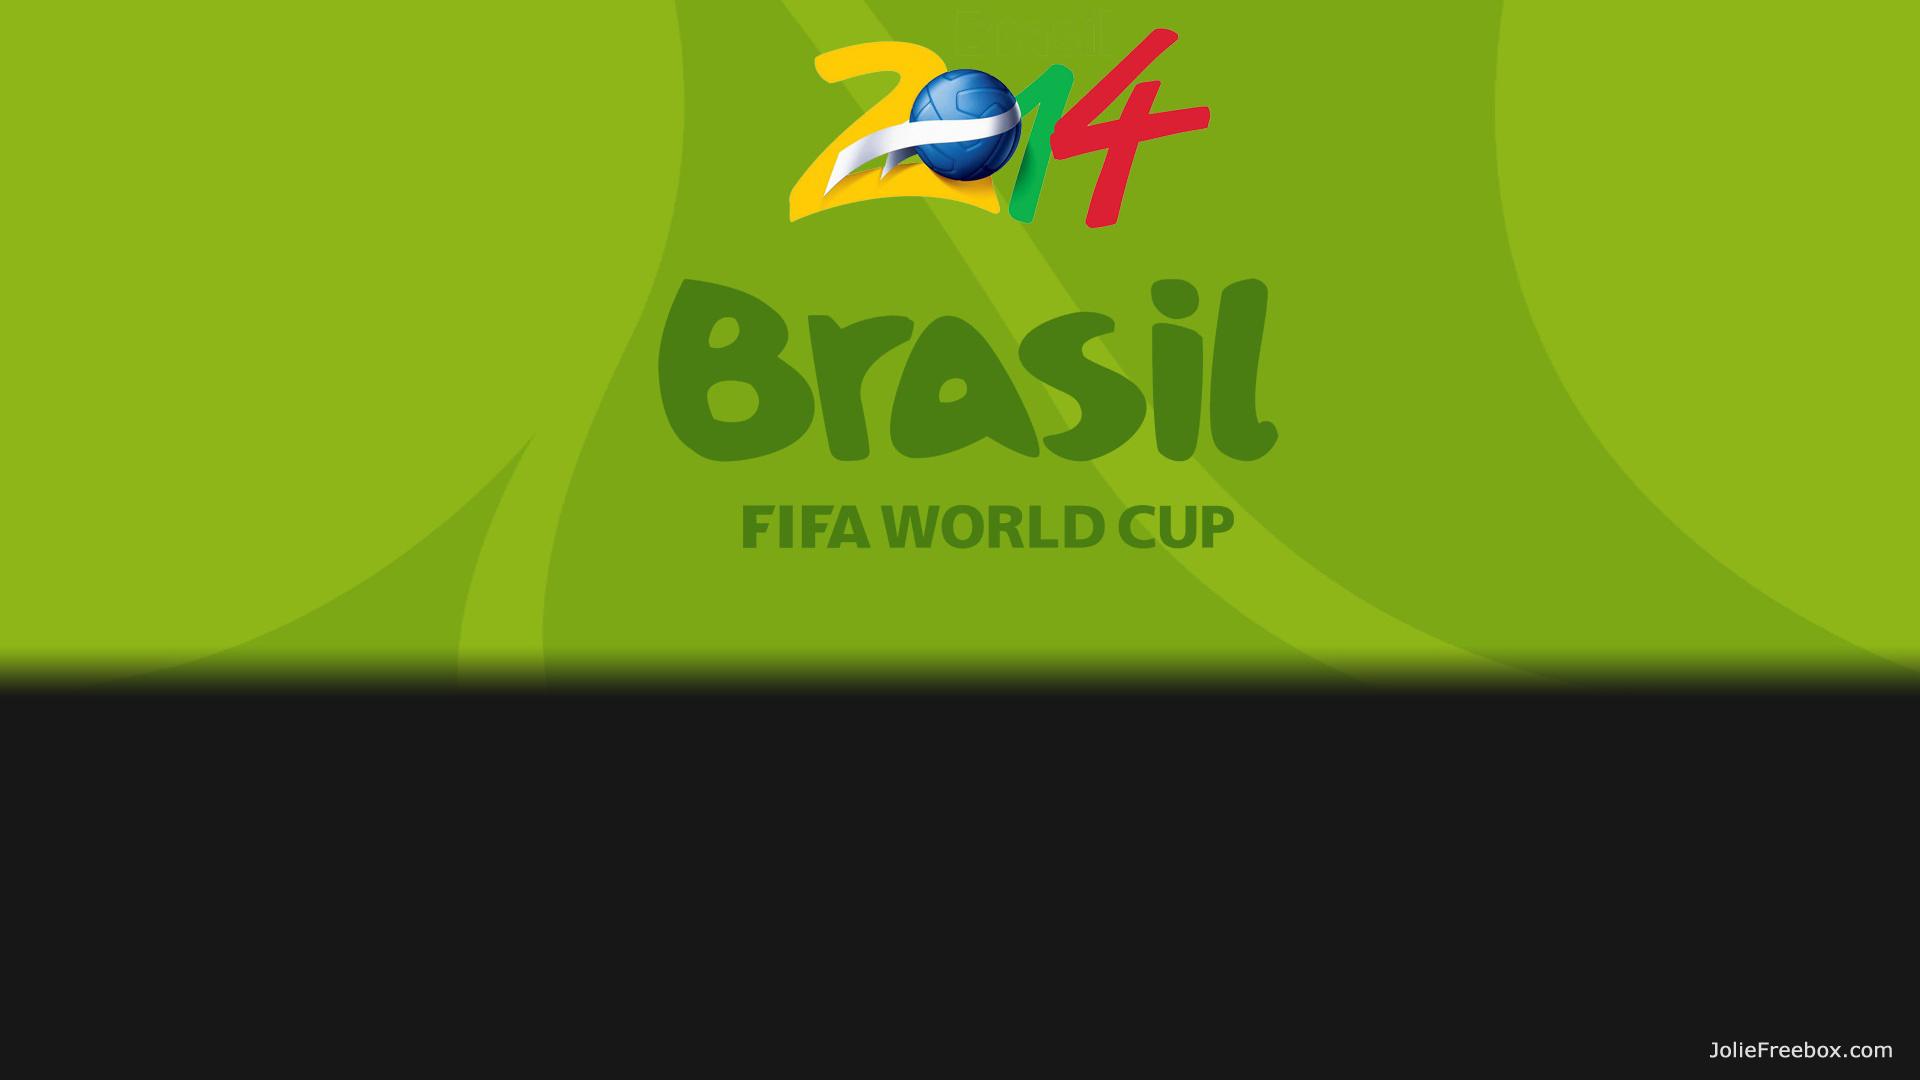 Brasil FIFA World Cup en fond d'écran de votre Freebox